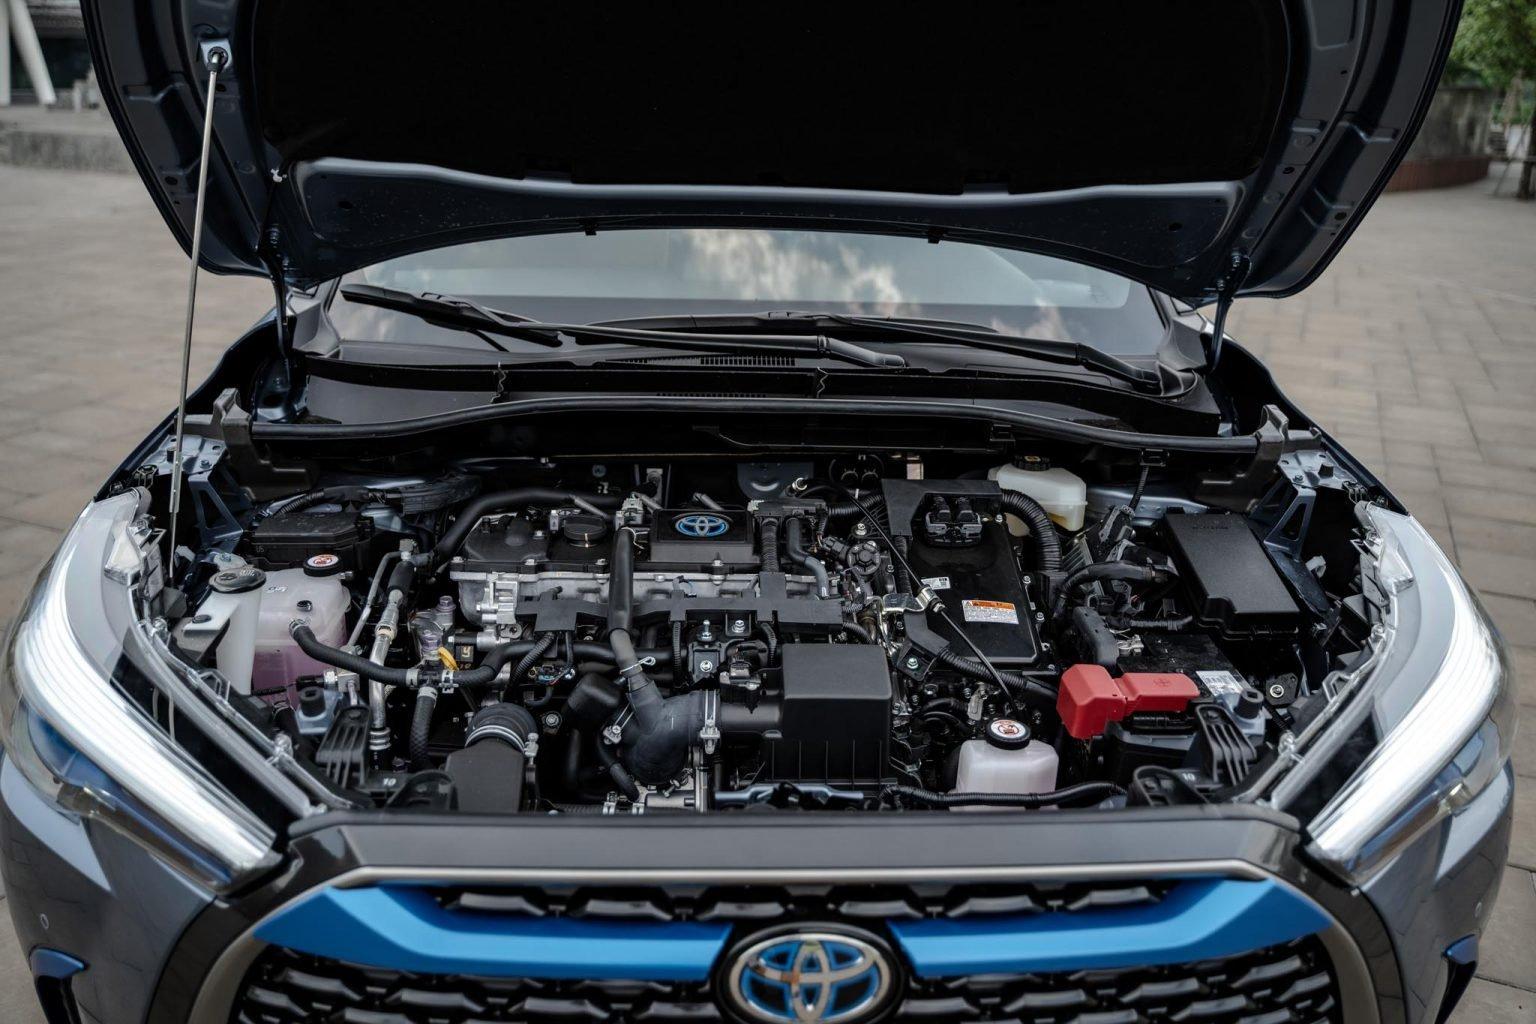 Thông số kỹ thuật xe Toyota Corolla Cross 2020: Động cơ - Hộp số 1